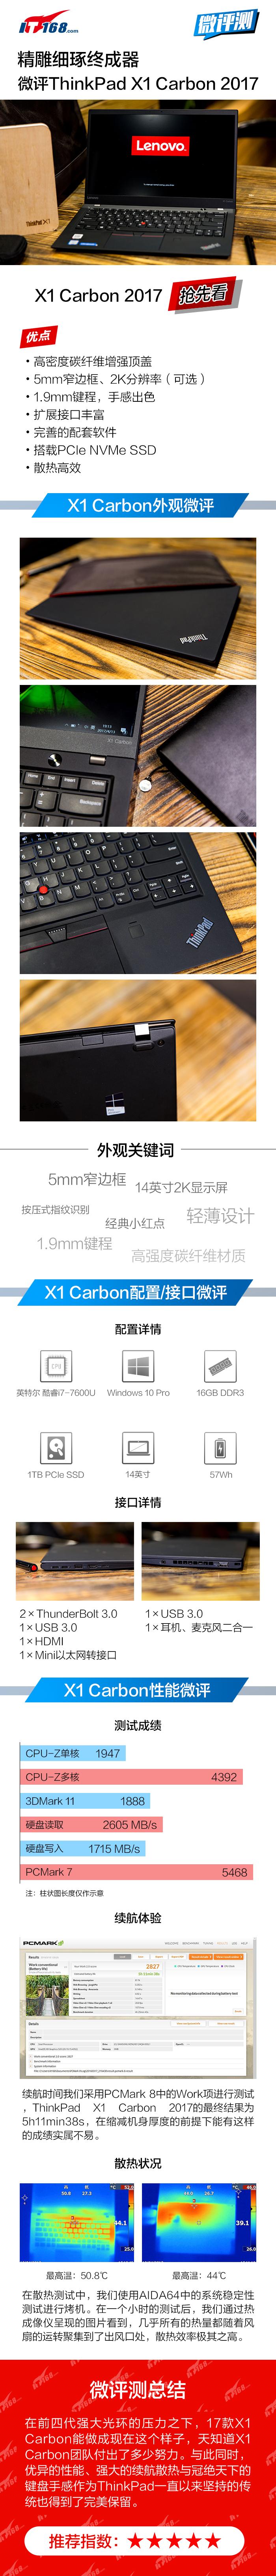 精雕细琢 微评ThinkPad X1 Carbon 2017